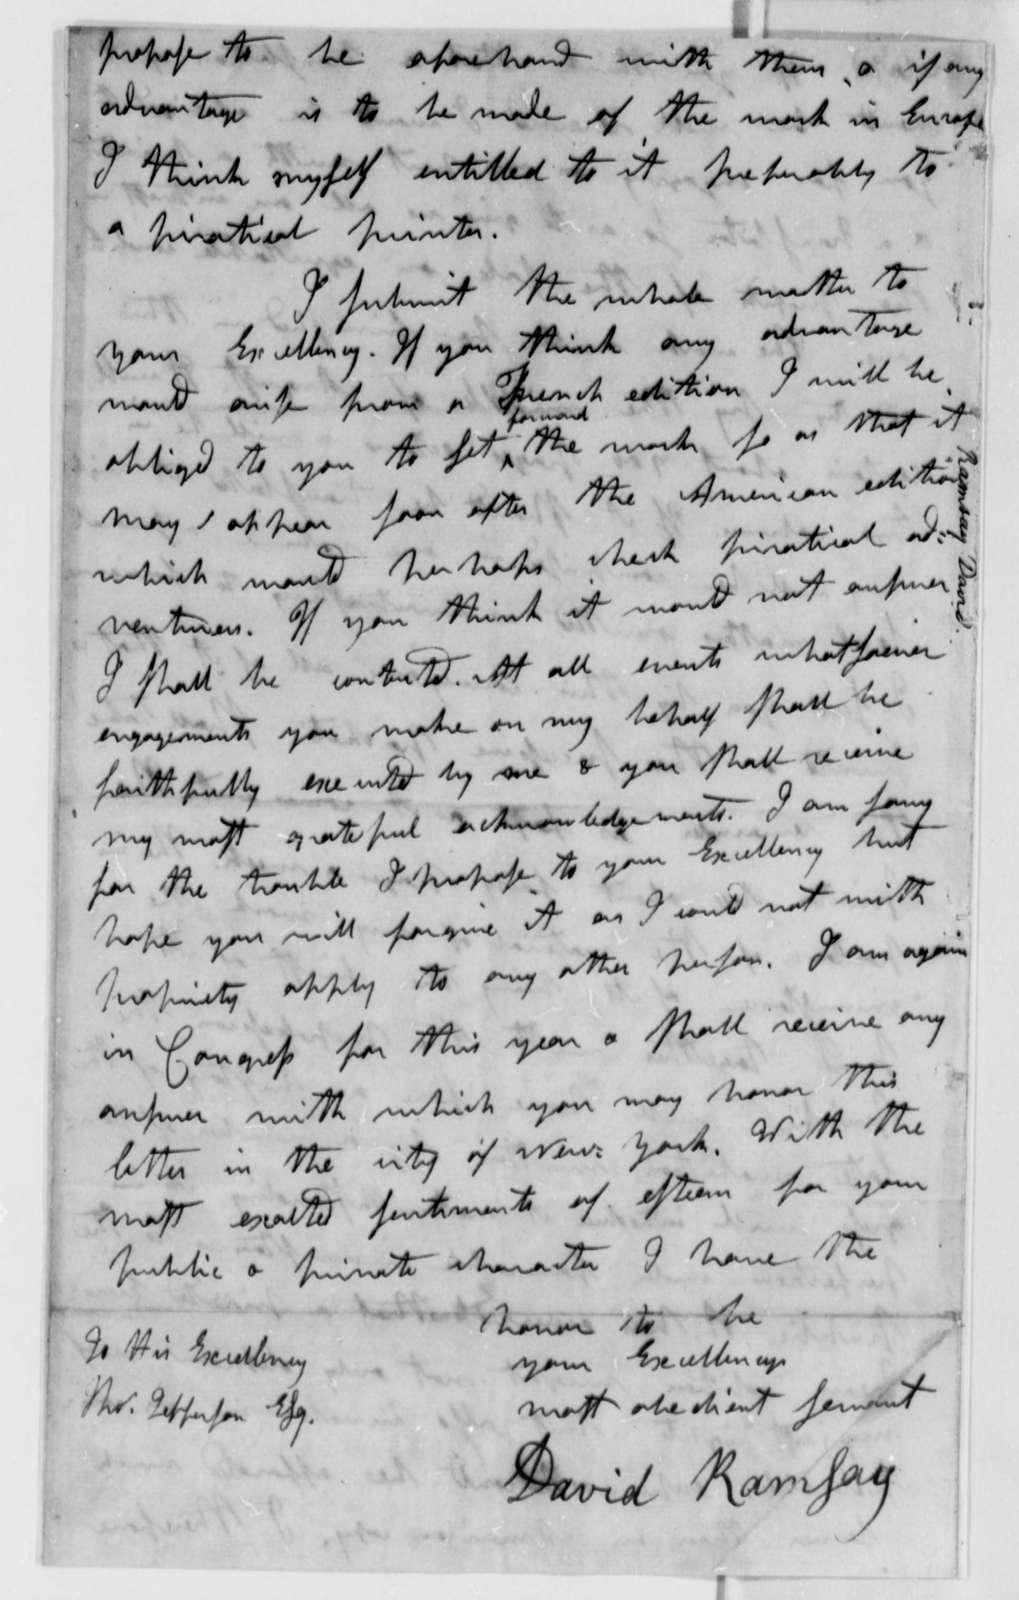 David Ramsay to Thomas Jefferson, June 15, 1785